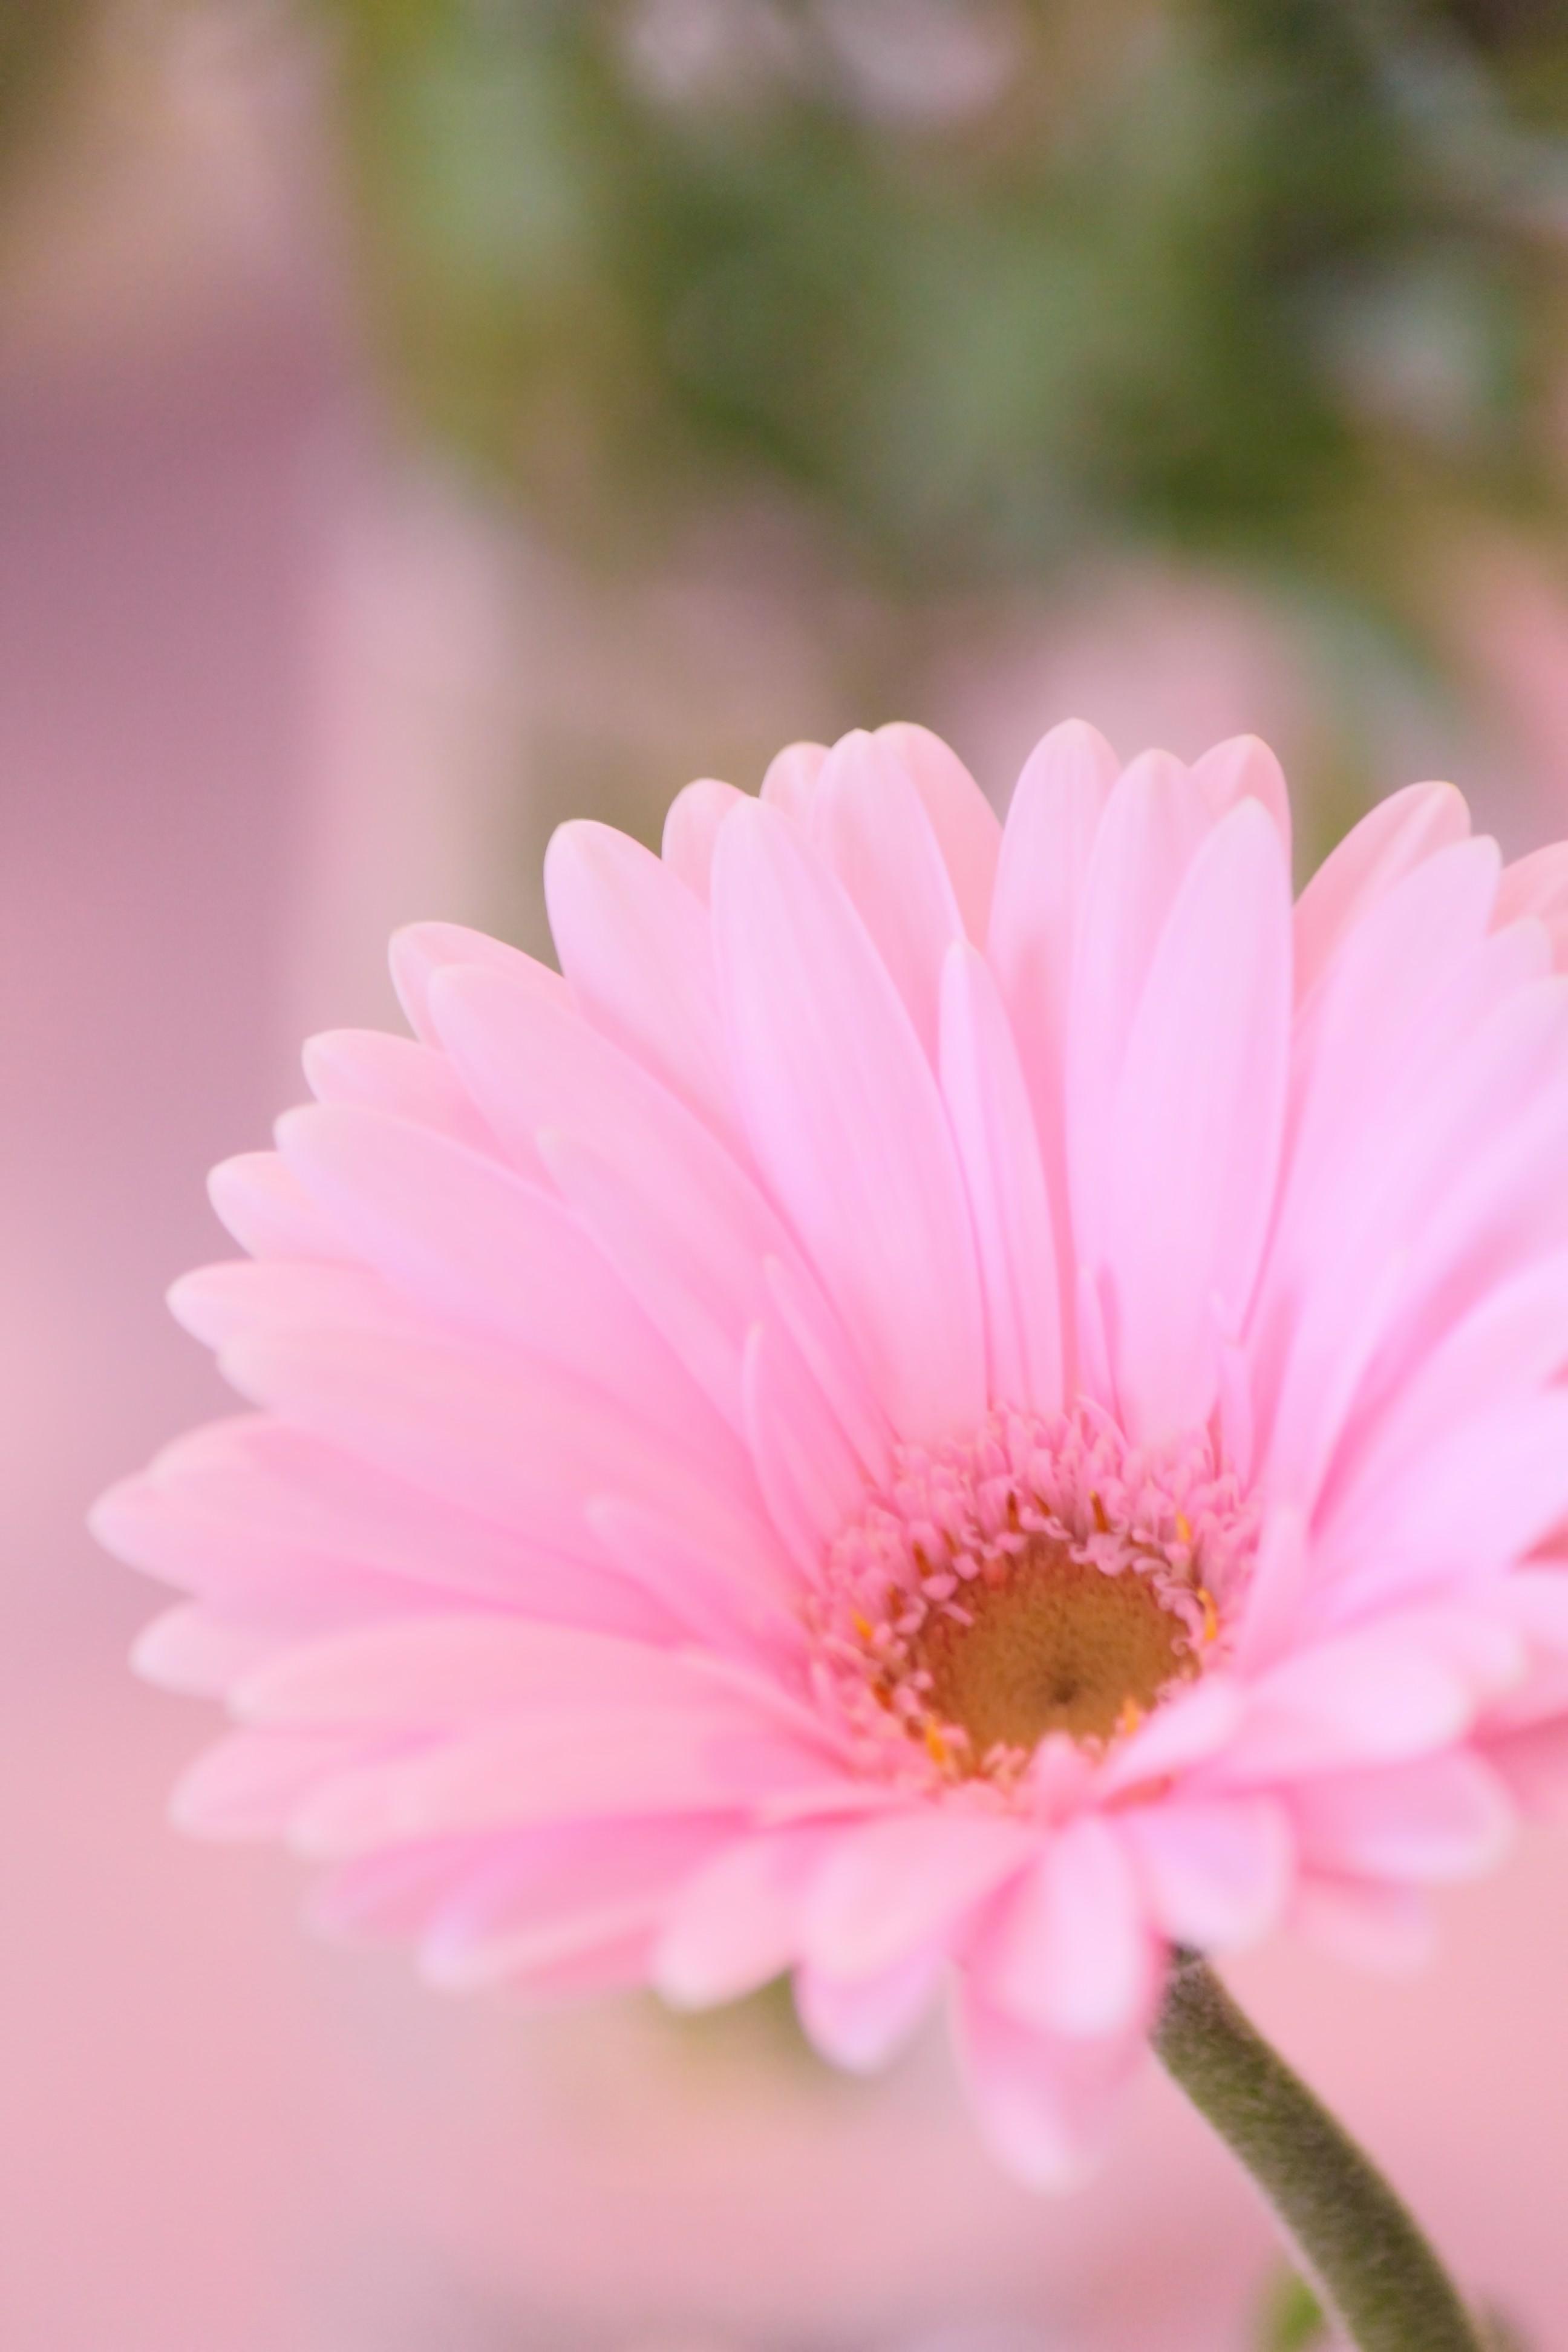 「ガーベラ ピンク 無料画像」の画像検索結果